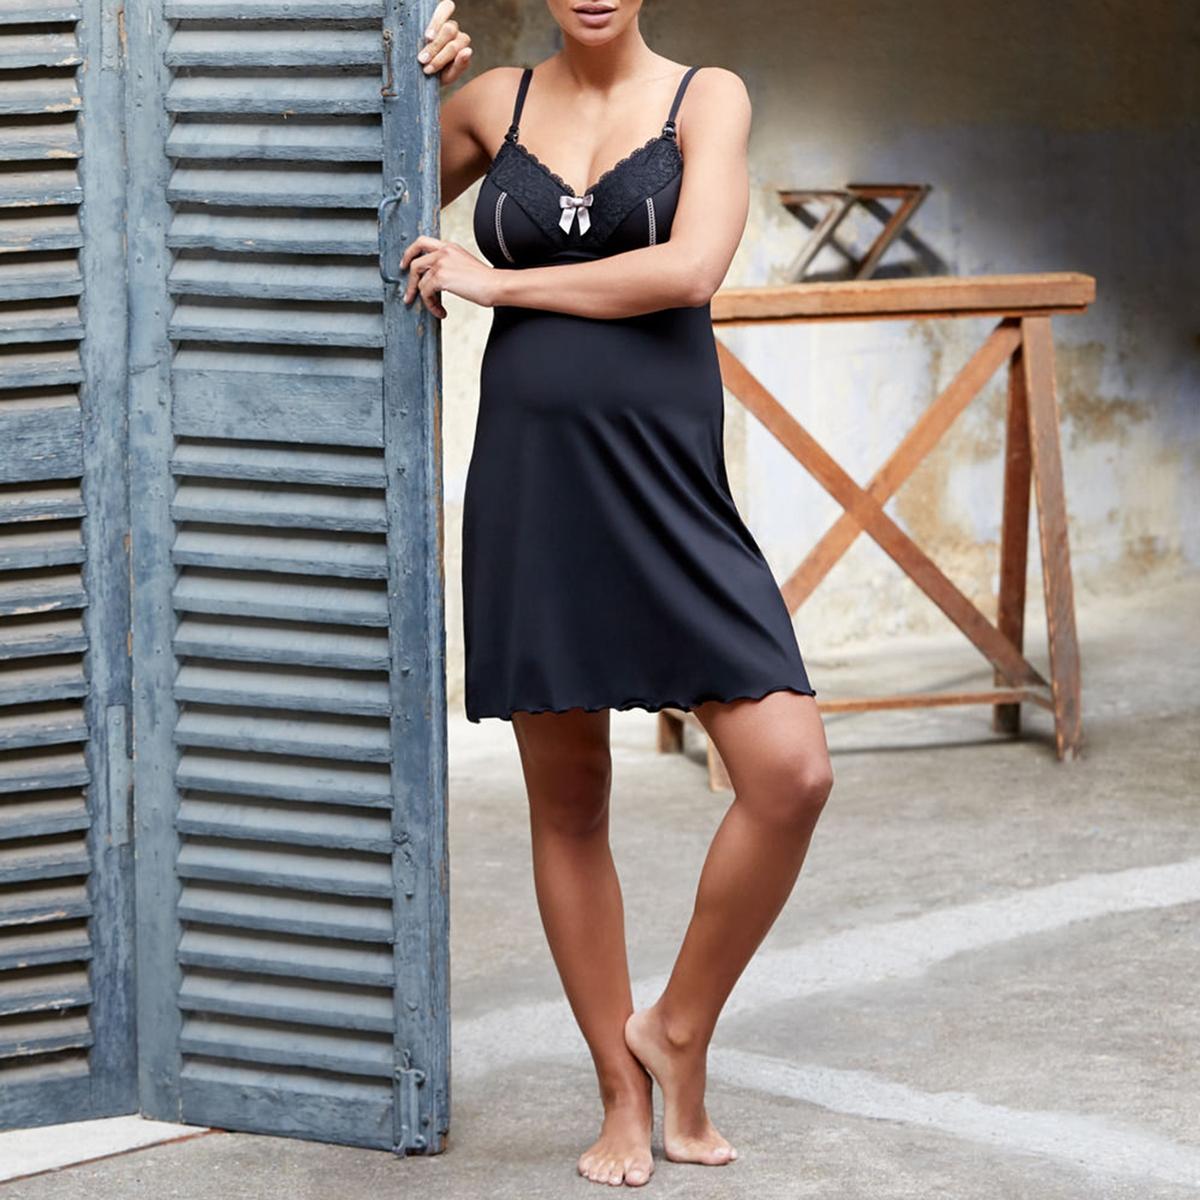 Рубашка La Redoute Ночная для грудного вскармливания Lisa XL черный бюстгальтер la redoute для периода грудного вскармливания b черный